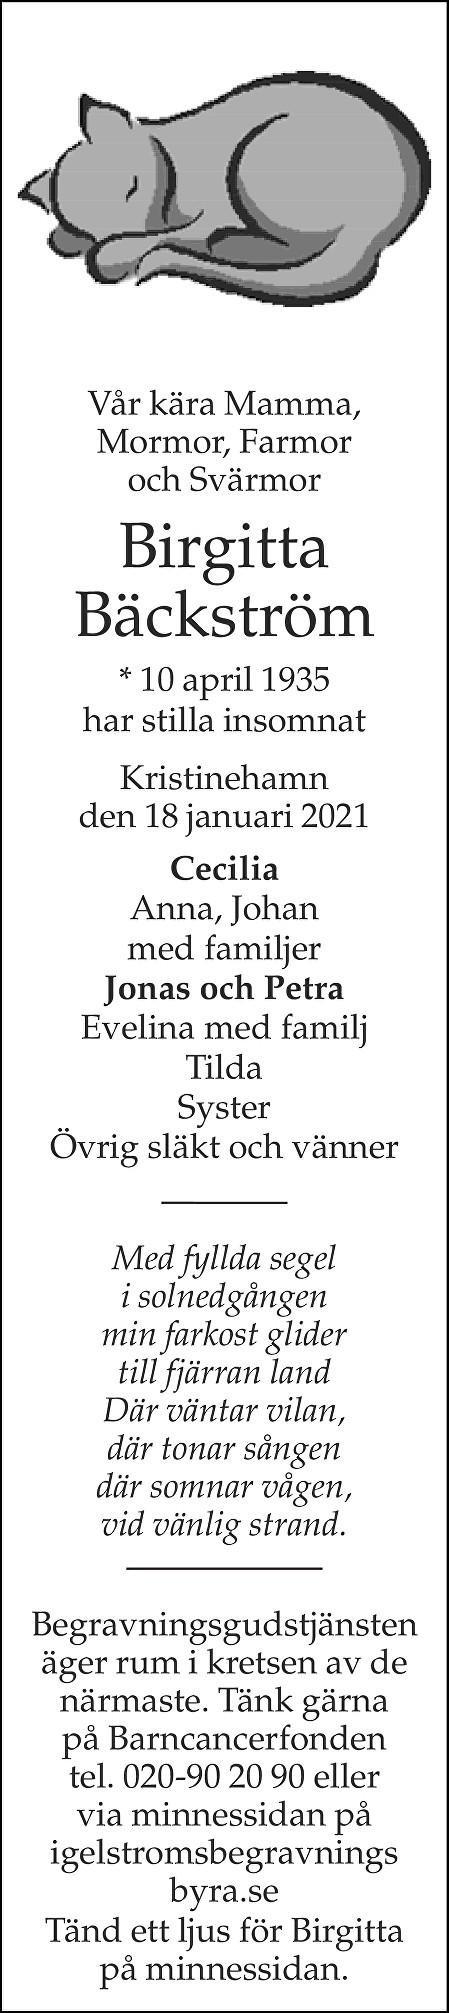 Birgitta Bäckström Death notice